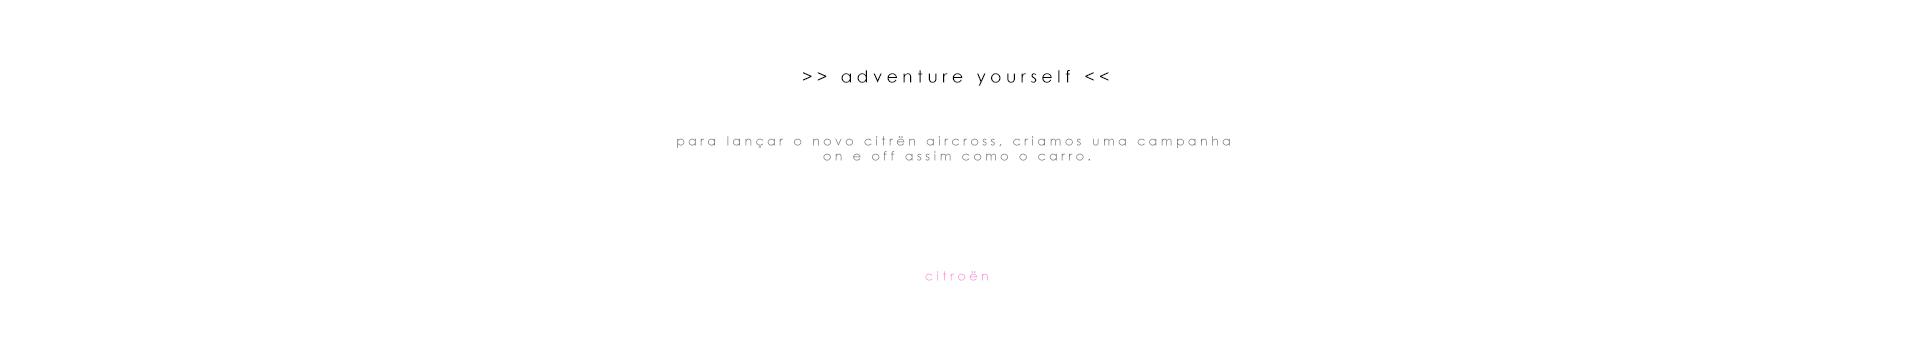 divisoria_aircross